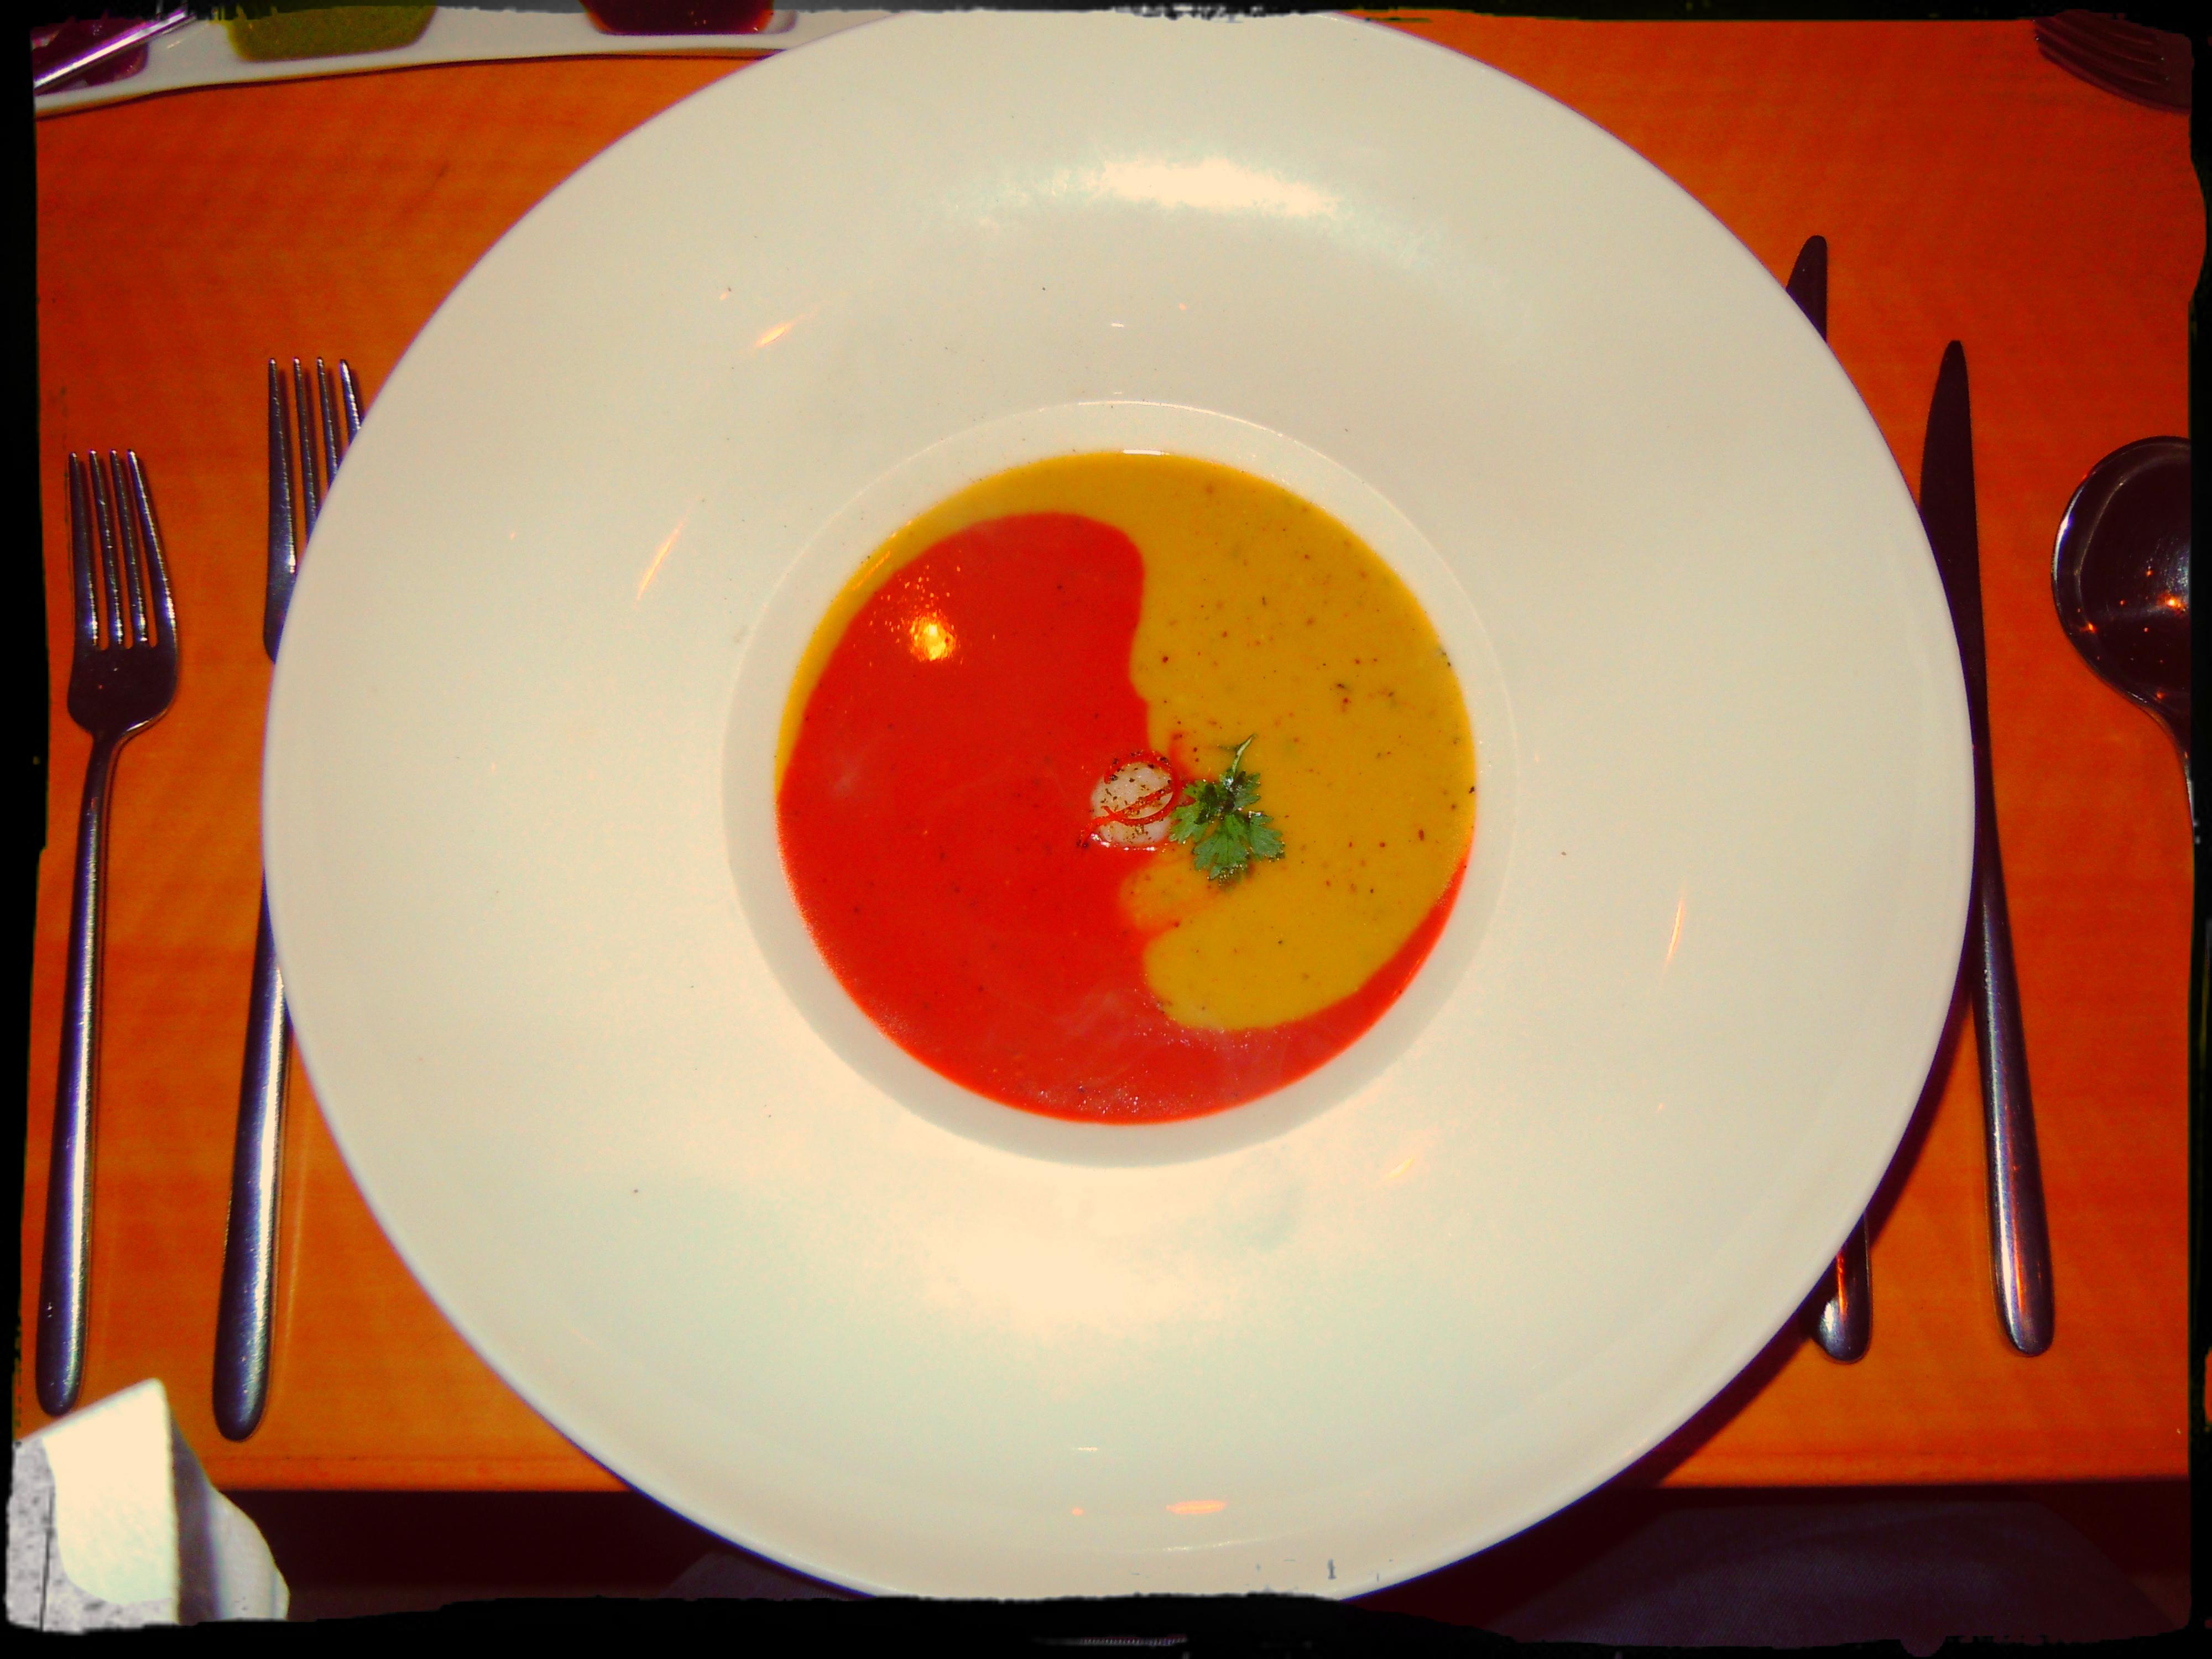 Dhora mulligatawny soup